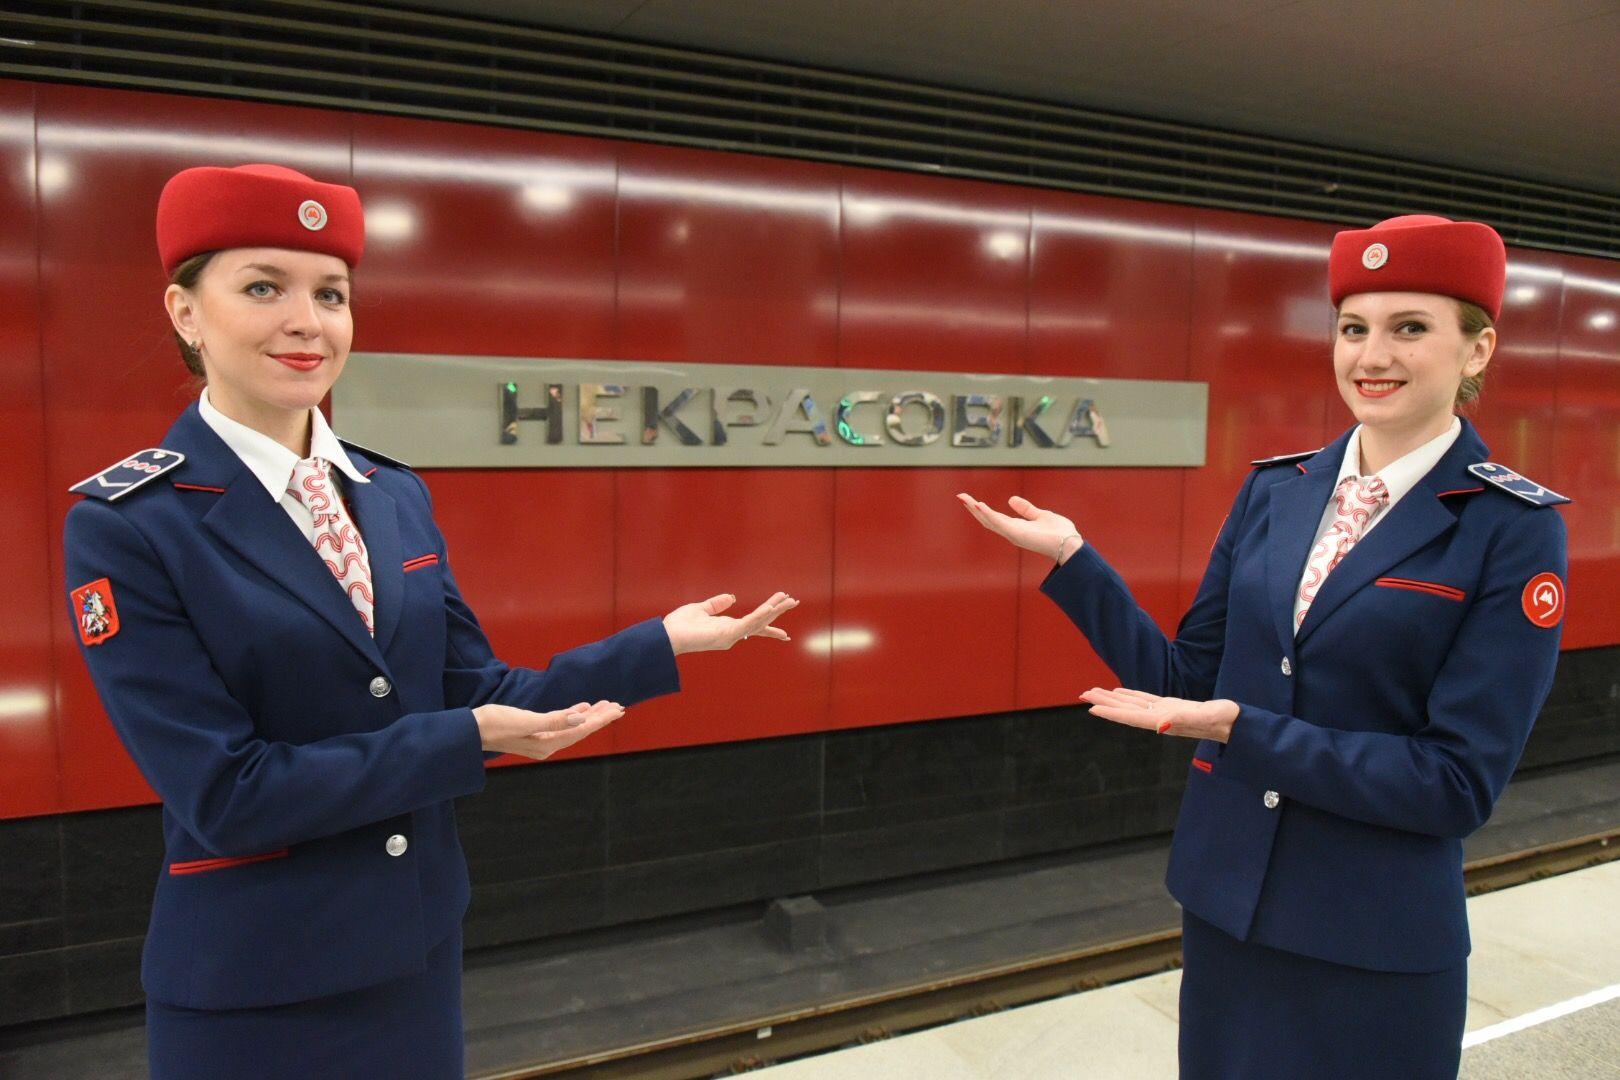 Земельный участок под Некрасовскую линию метро выделили в Москве